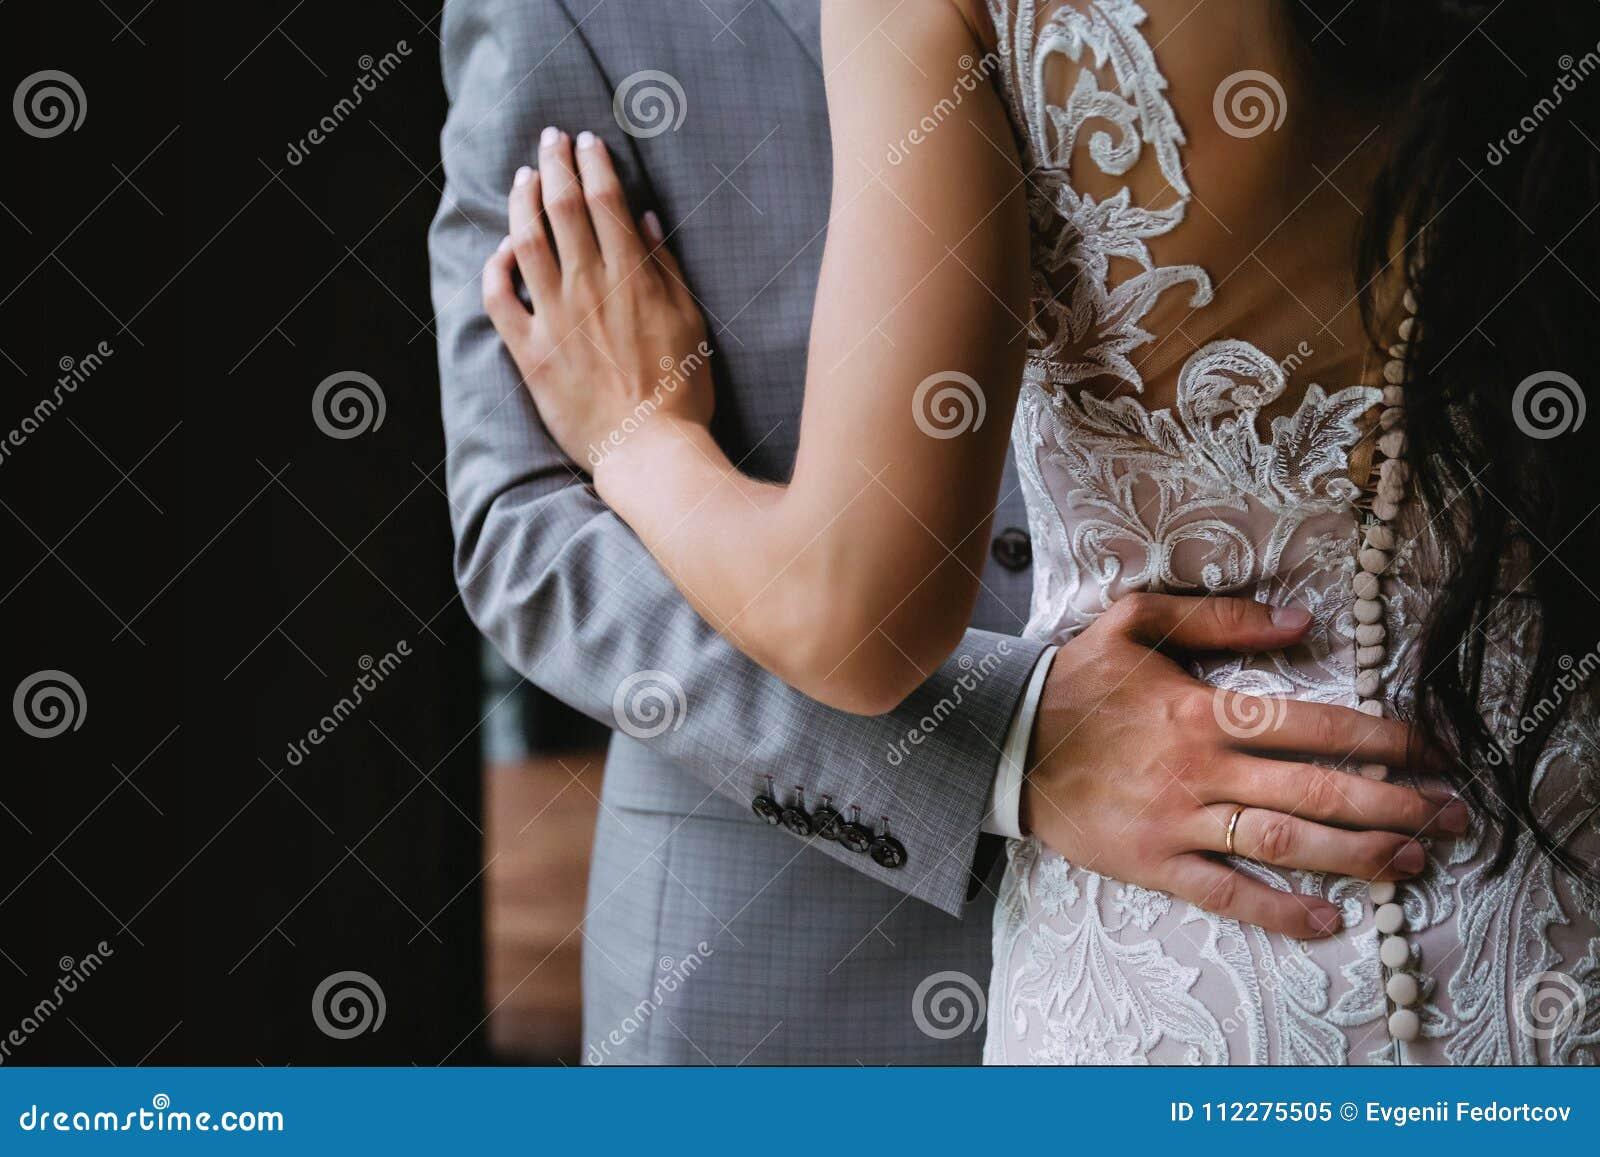 Persone appena sposate, prima delle nozze